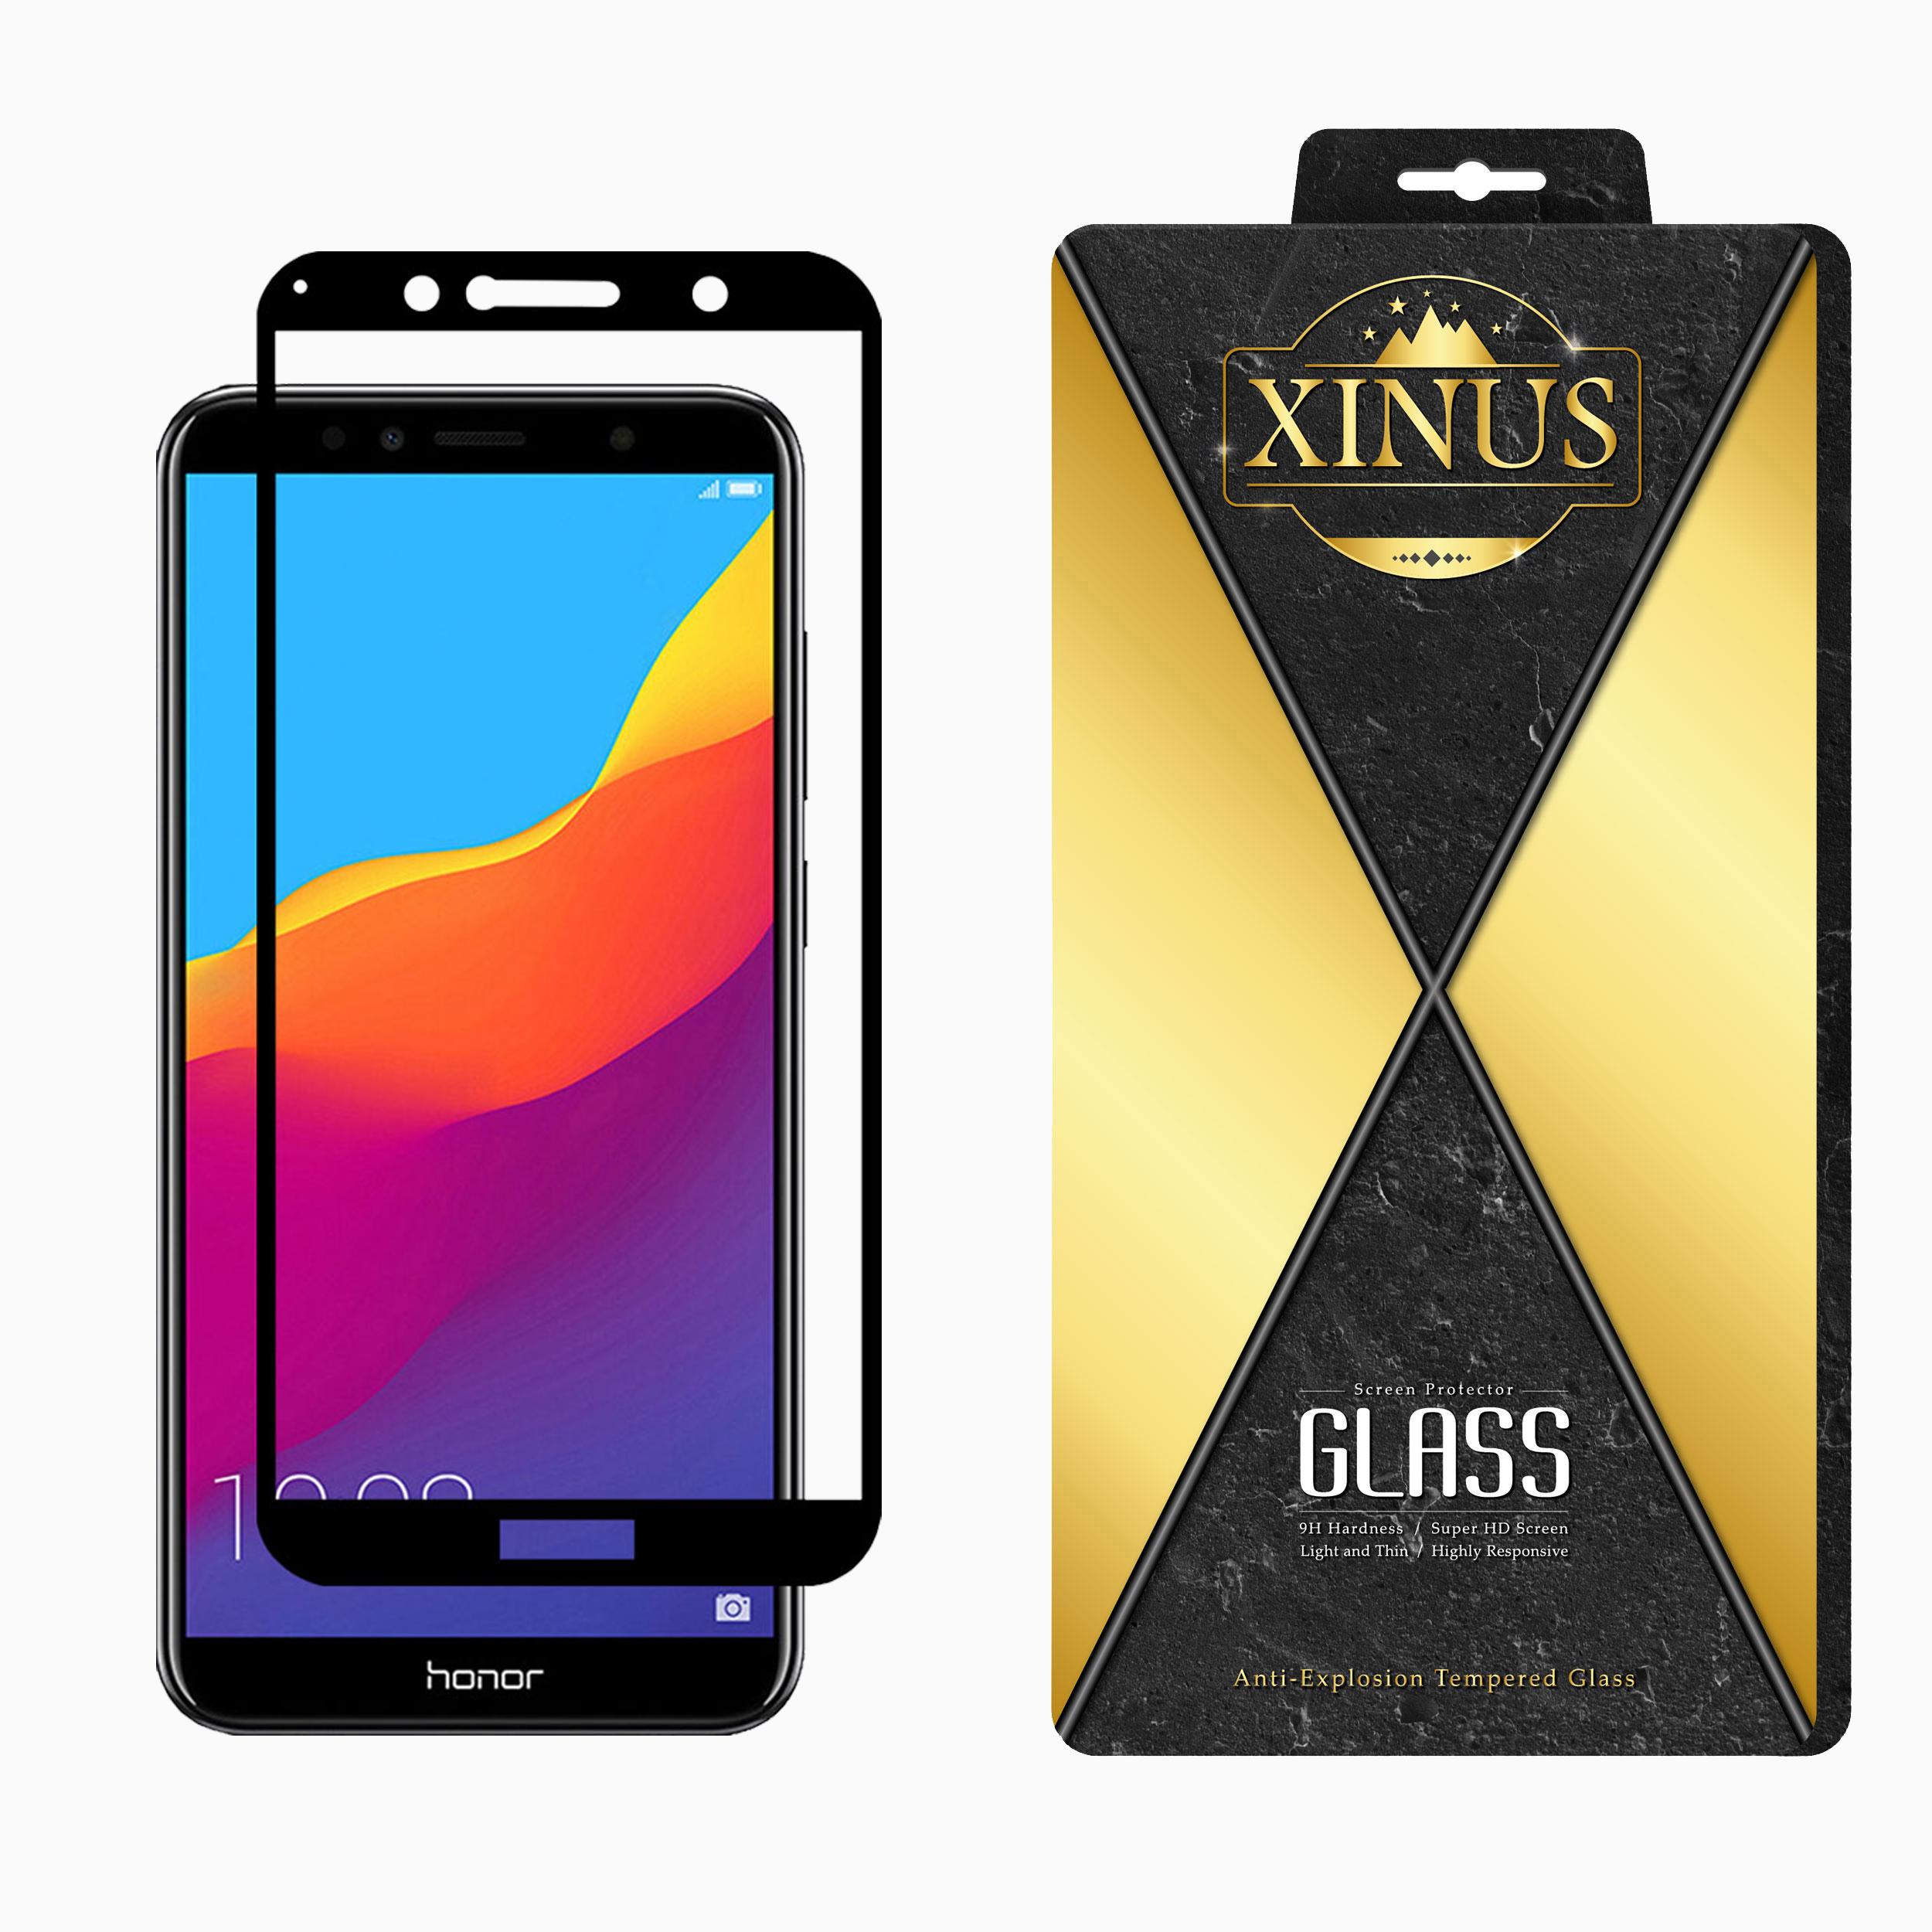 محافظ صفحه نمایش سرامیکی ژینوس مدل CRX مناسب برای گوشی موبایل آنر 7A